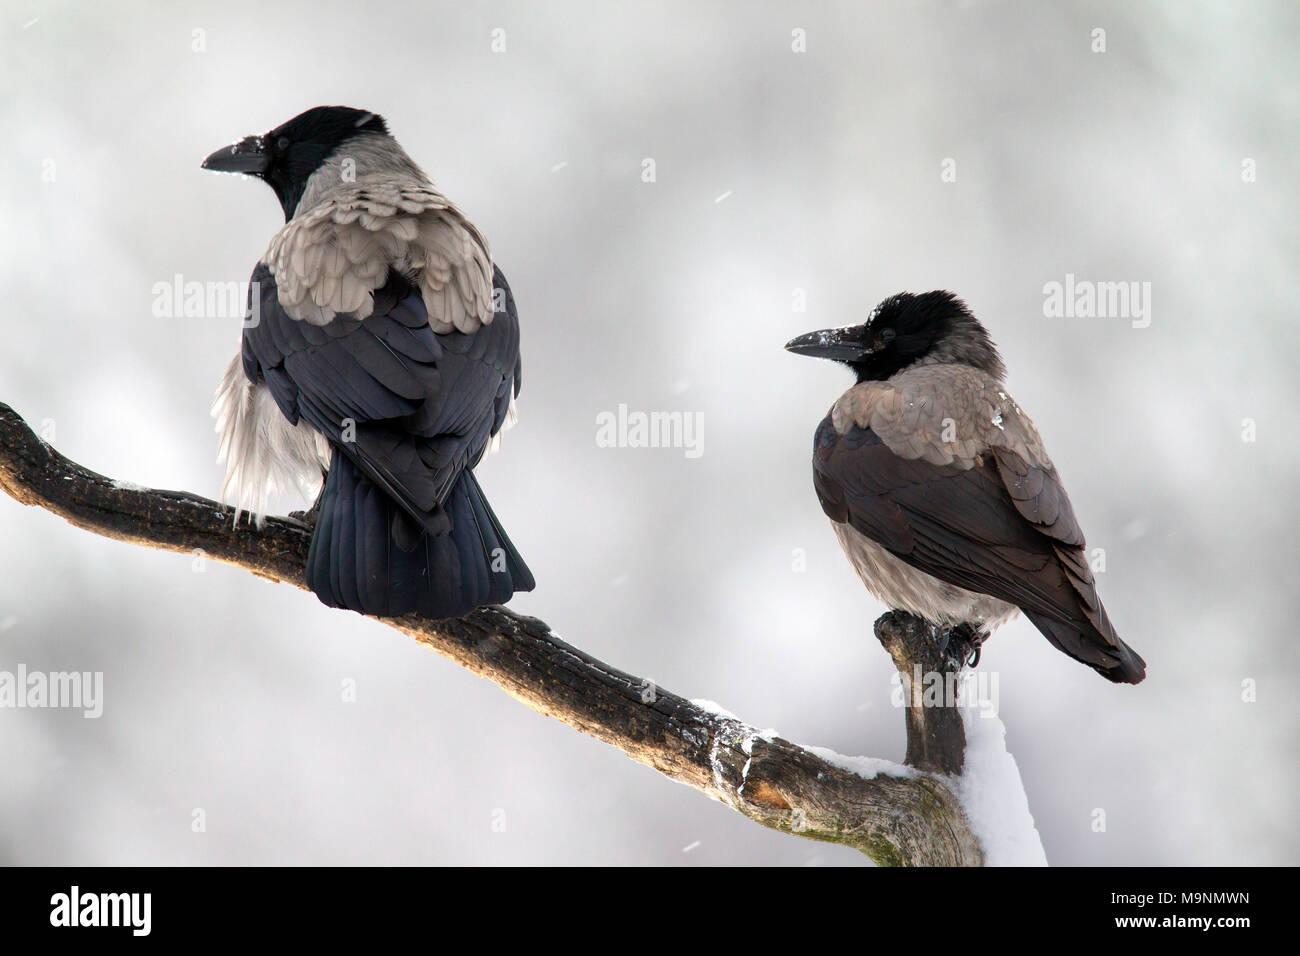 Zwei hooded Crows/Hoodies (Corvus cornix) auf Zweig im Winter bei Schneefall gehockt Stockbild